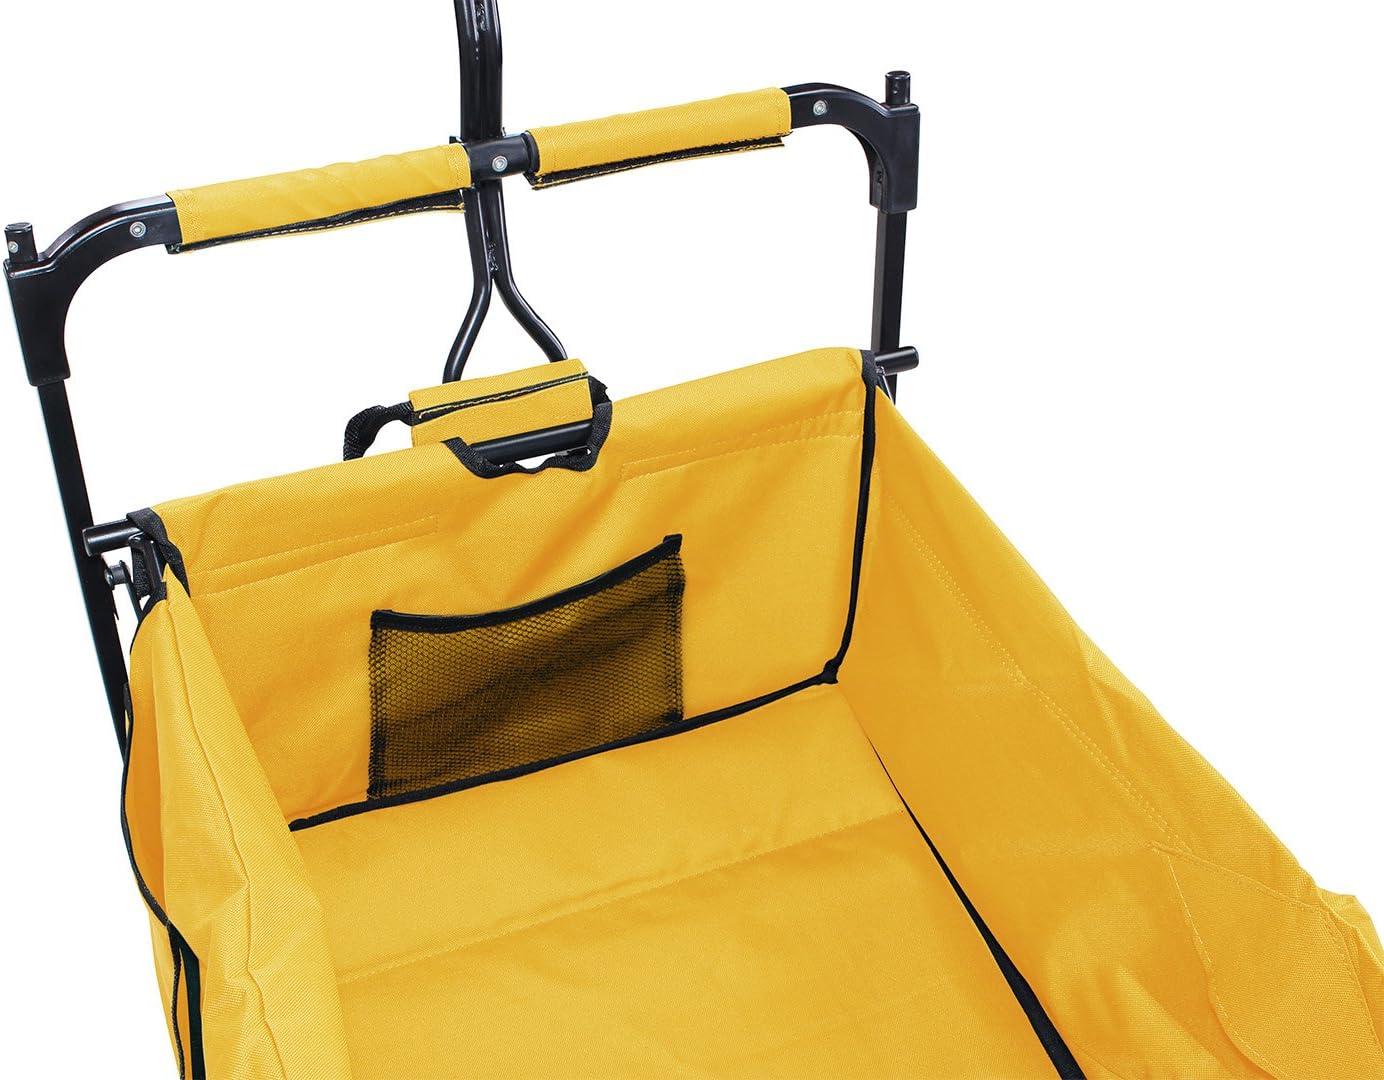 Bremse Dach Orange PU-Breitreifen Transporttasche Handwagen faltbar Klappbar Miweba Faltbarer Bollerwagen MB-10 f/ür Kinder UV-Best/ändig